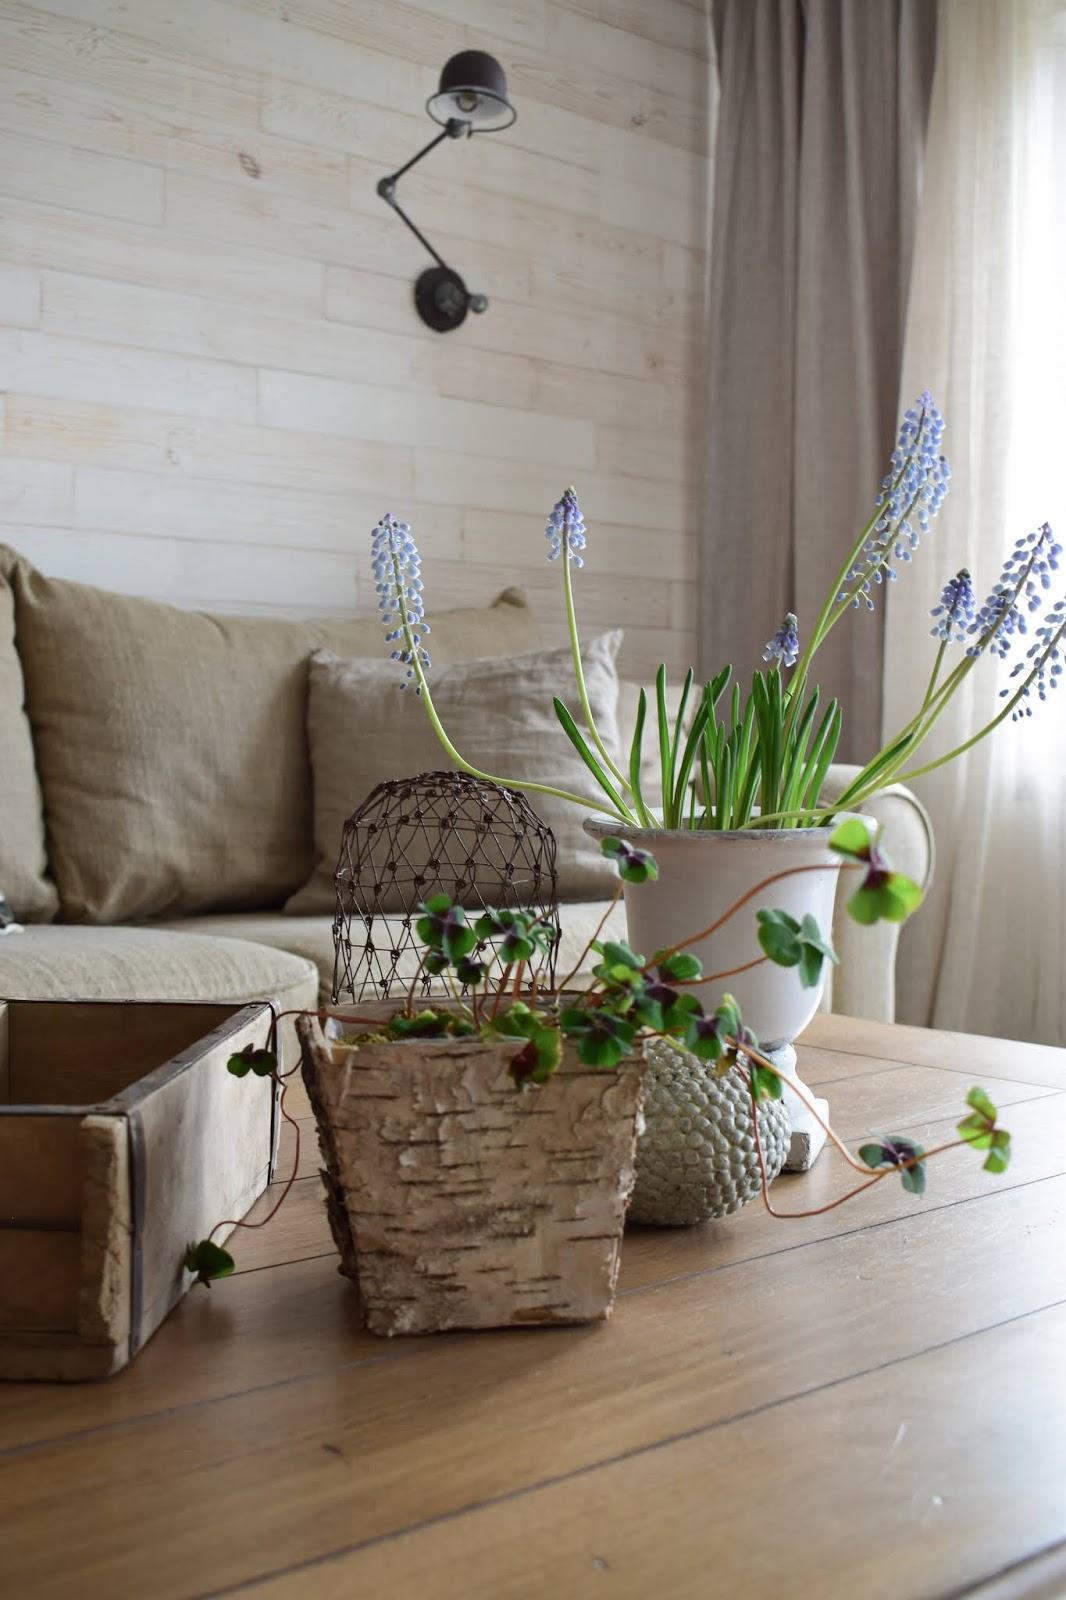 Wohnzimmer Tischdeko Dekoidee Deko Dekoration Frühling Perlhyazinthen Natur Naturmaterialen Rinde